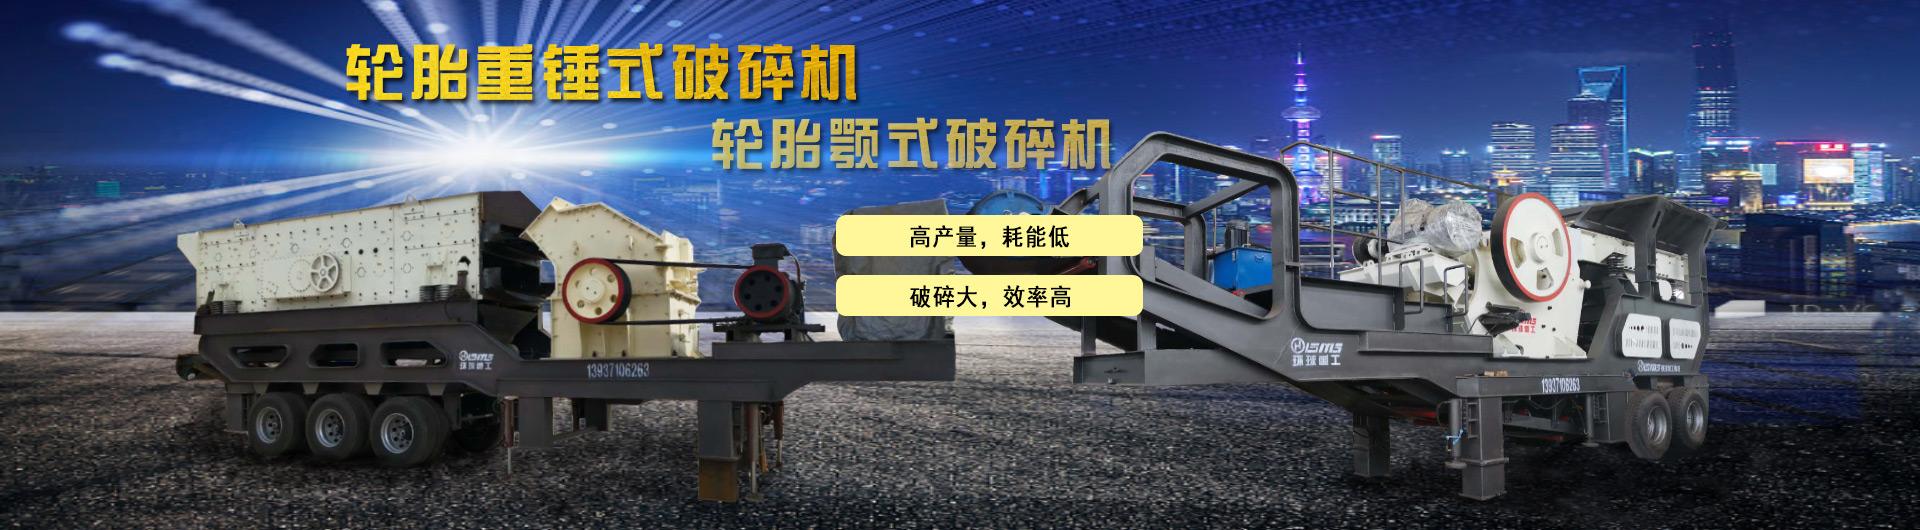 建zhu垃圾破碎机厂jia